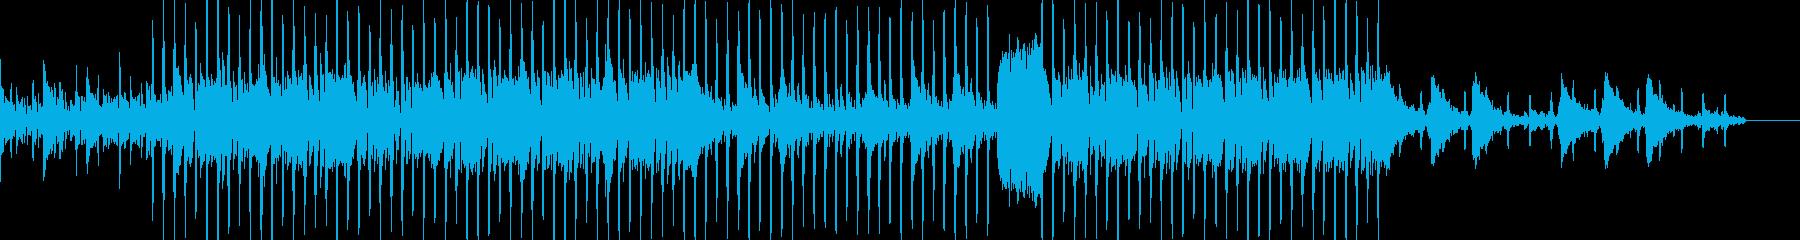 プレゼンPVのオープニング風楽曲の再生済みの波形